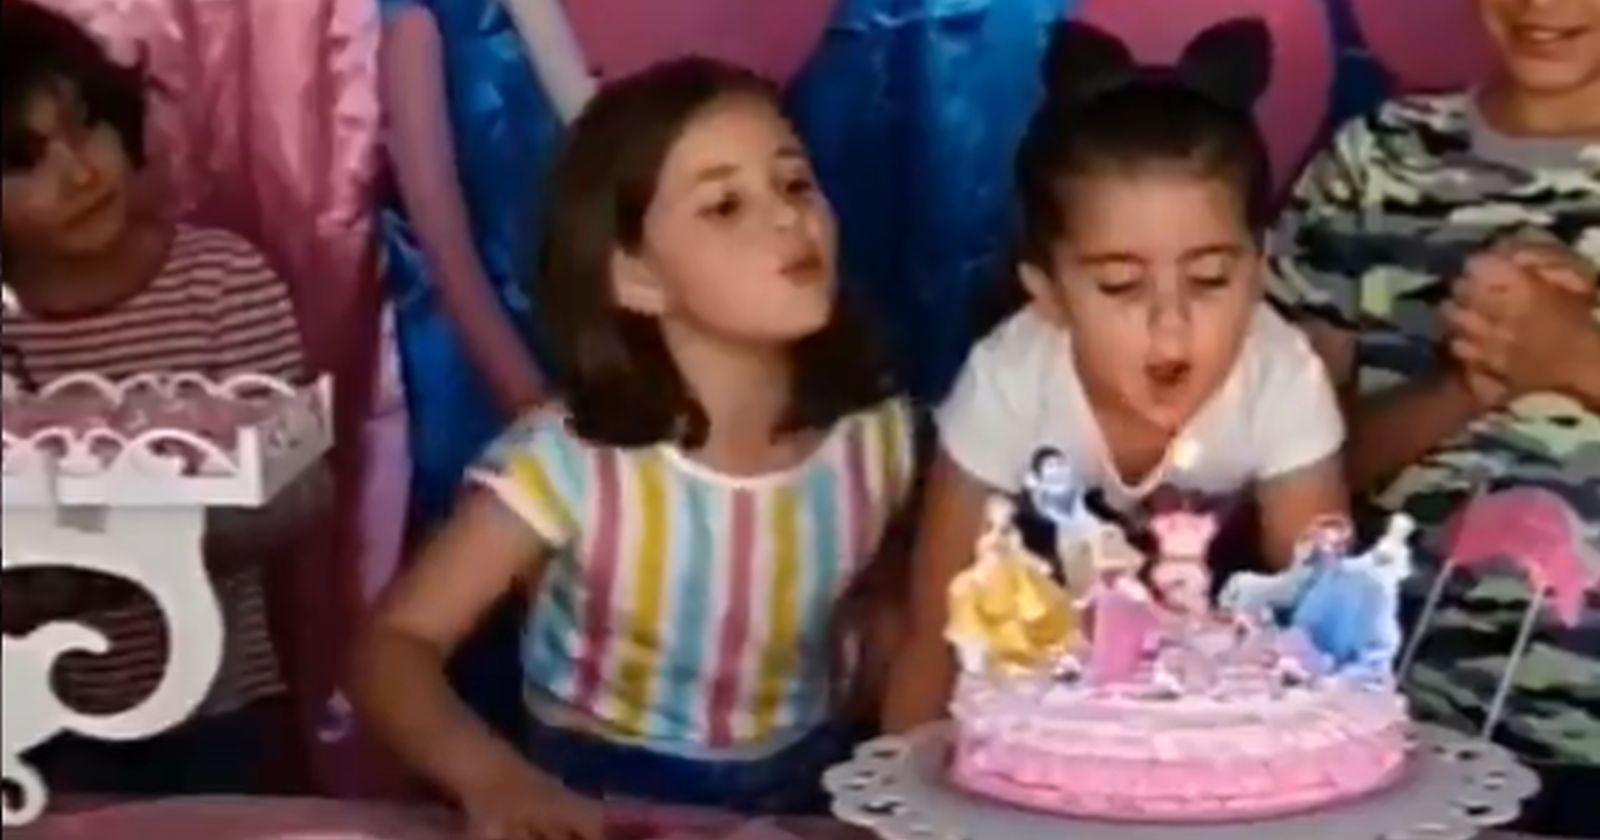 Las niñas que pelearon por apagar la vela de cumpleaños y que se volvieron viral